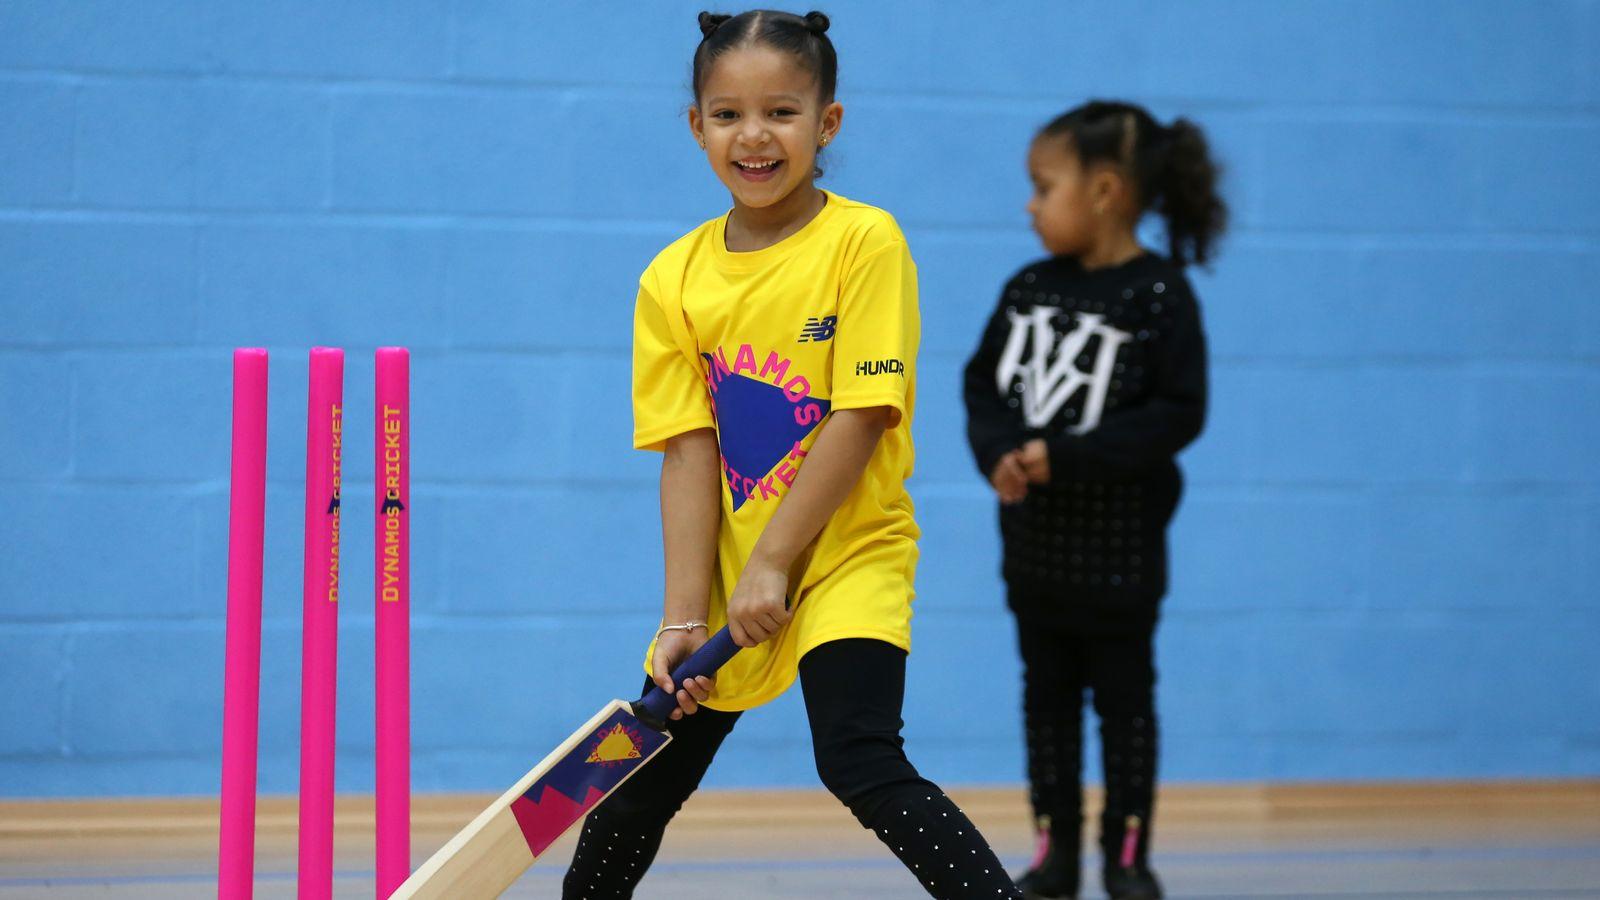 Dynamos Cricket: Seis cosas clave que debes saber sobre la nueva iniciativa para niños de 8 a 11 años | Noticias de Cricket 11